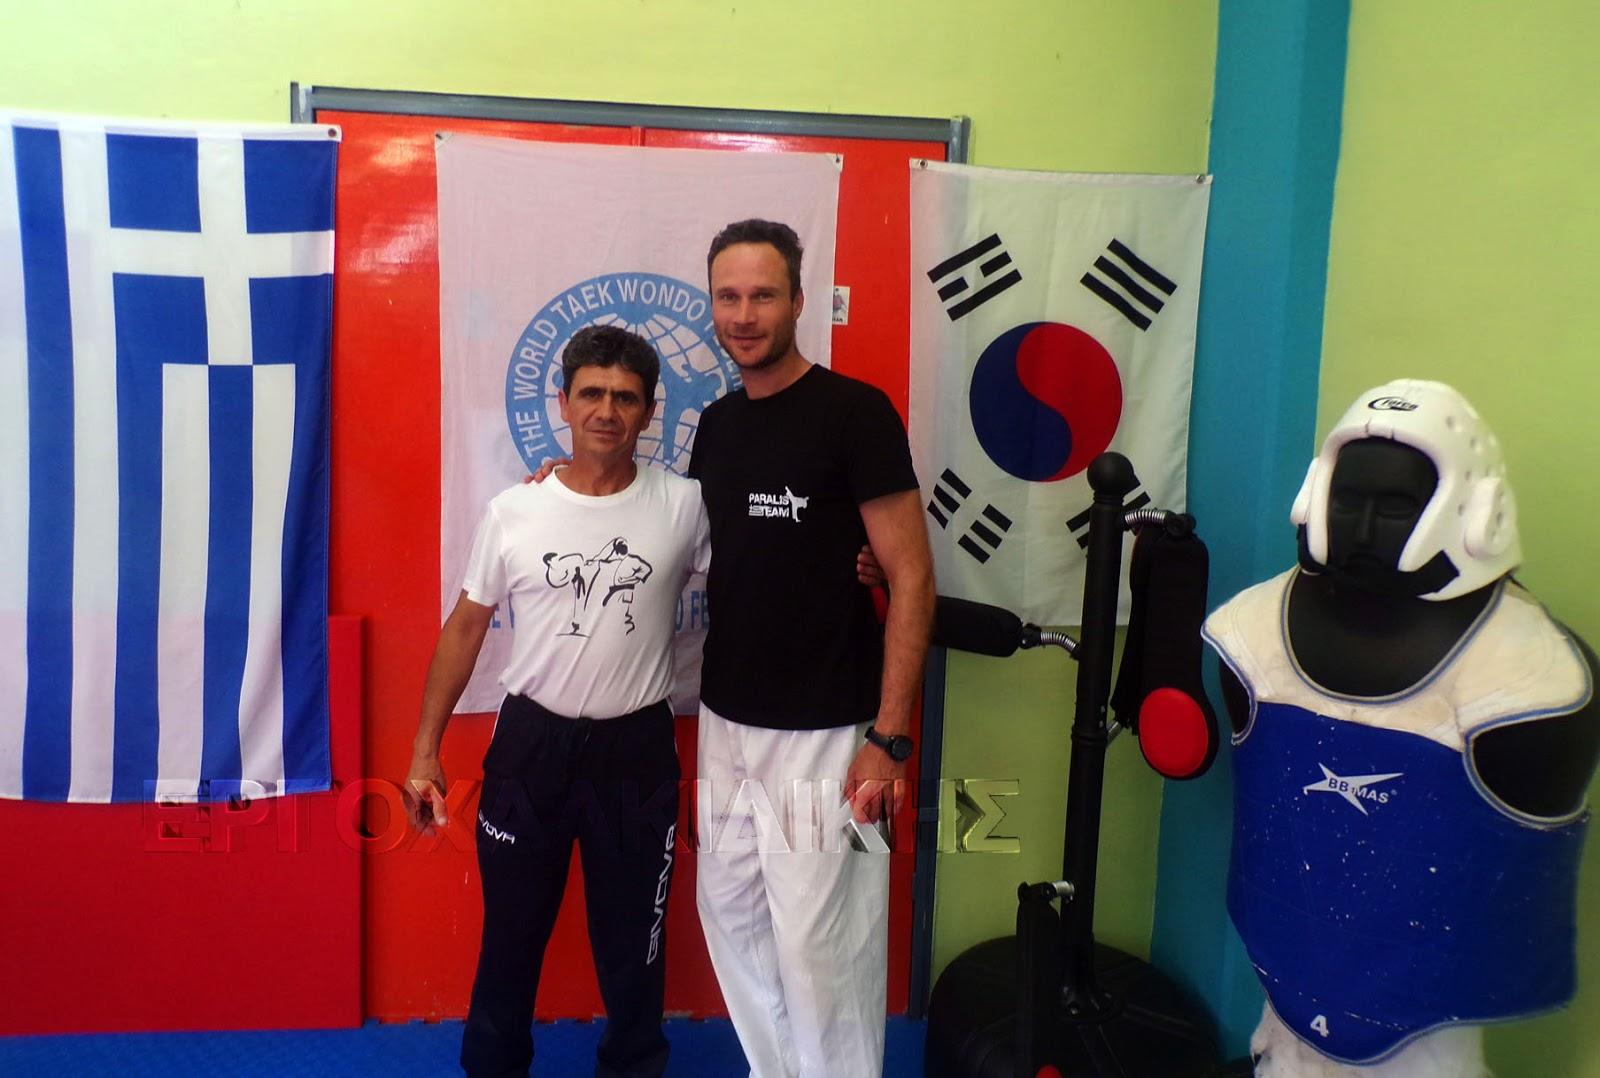 Συμμετοχή του Α.Σ. Tae Kwon Do ¨Αριστοτέλης¨ στο 1ο Αγωνιστικό Σεμινάριο Tae Kwon Do με τον Balazs Toth στον Πολύγυρο.